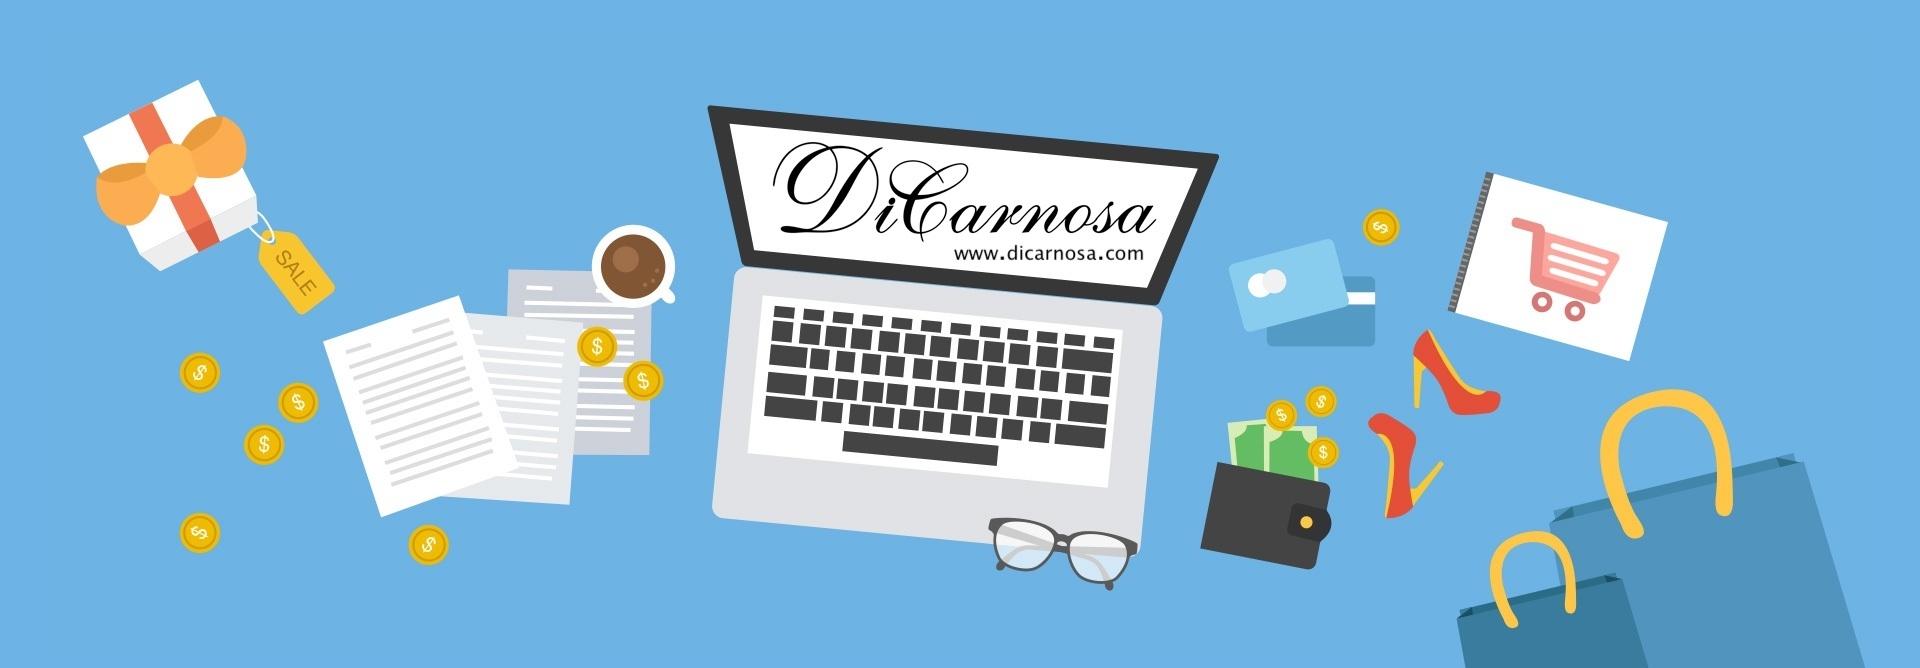 dicarnosa.com (@dicarnosacom) Cover Image